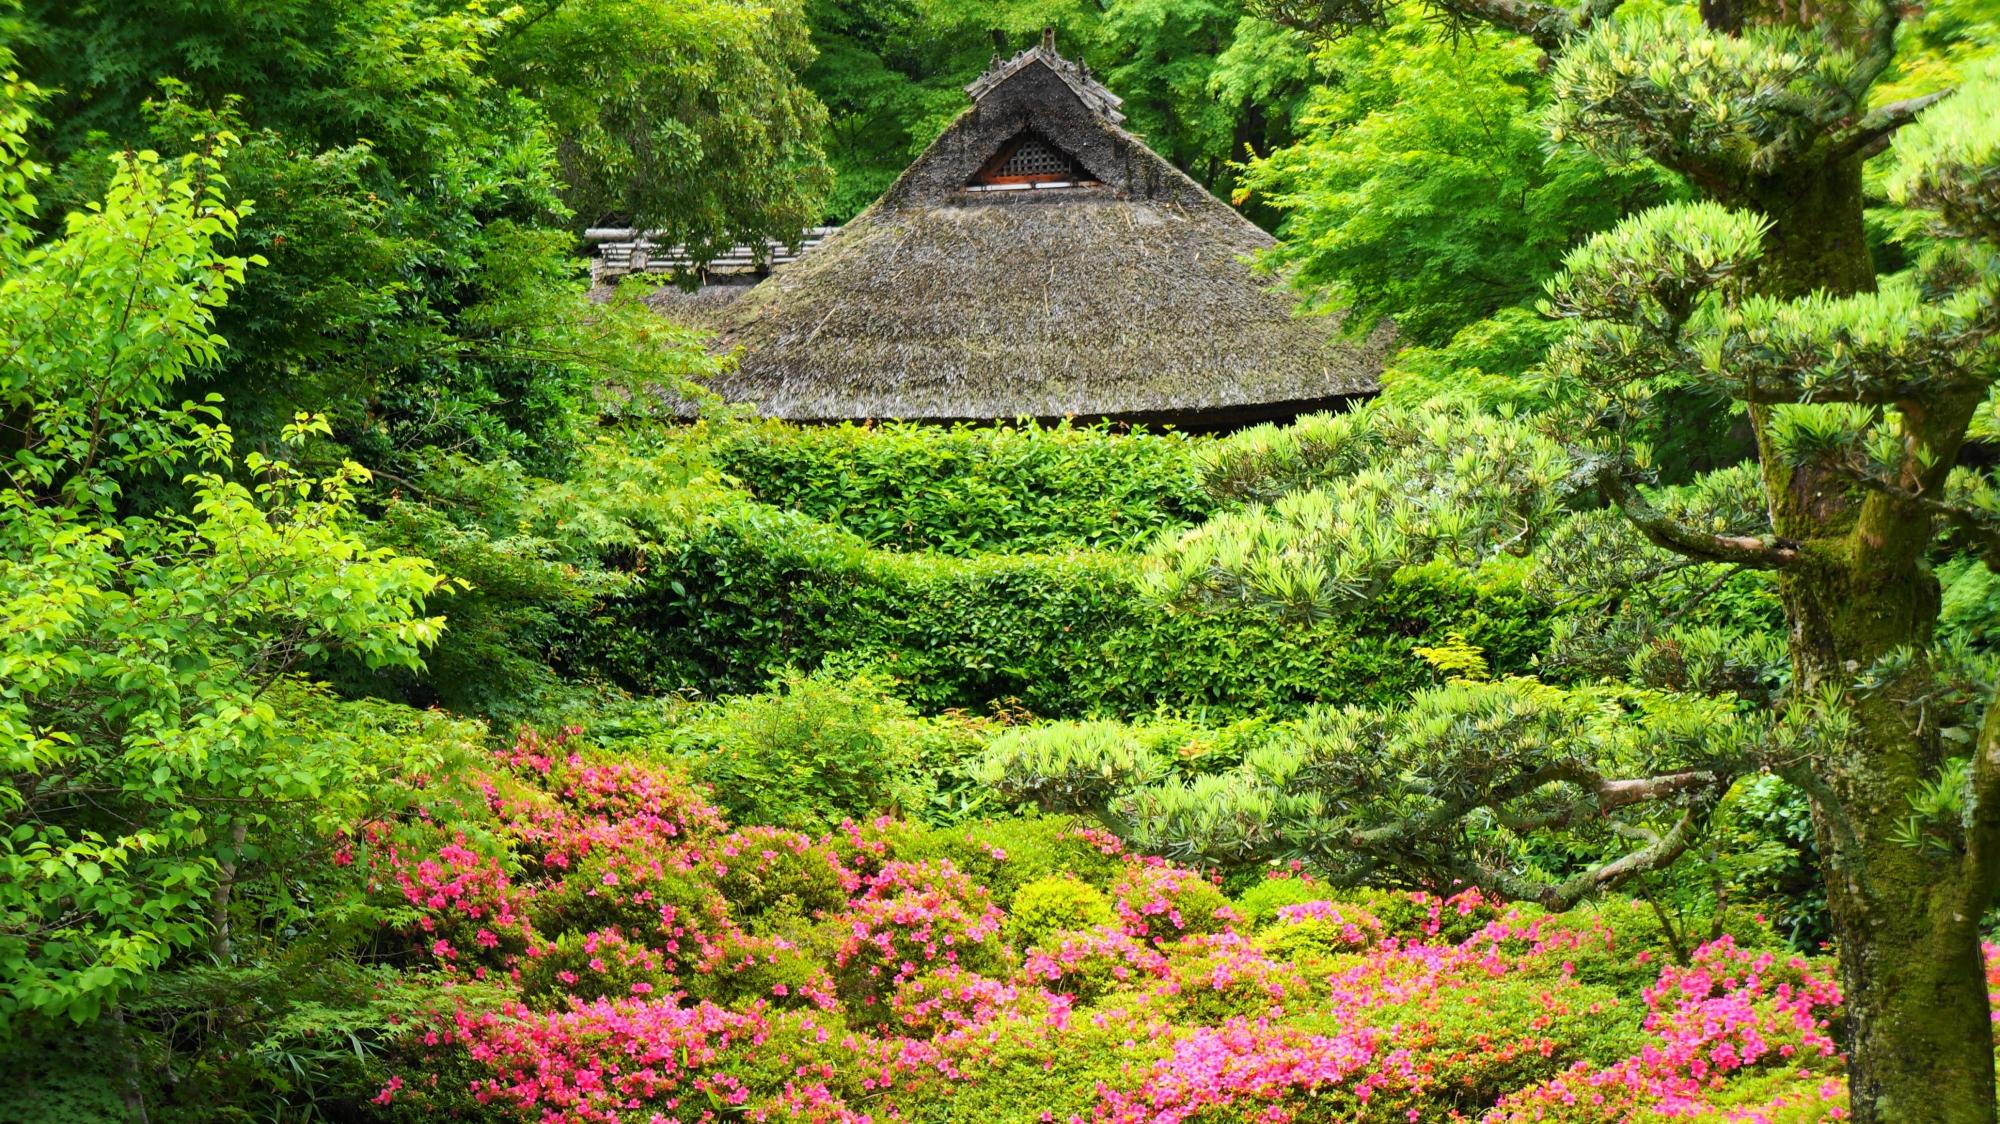 与謝蕪村や松尾芭蕉ゆかりのお寺としても知られる金福寺